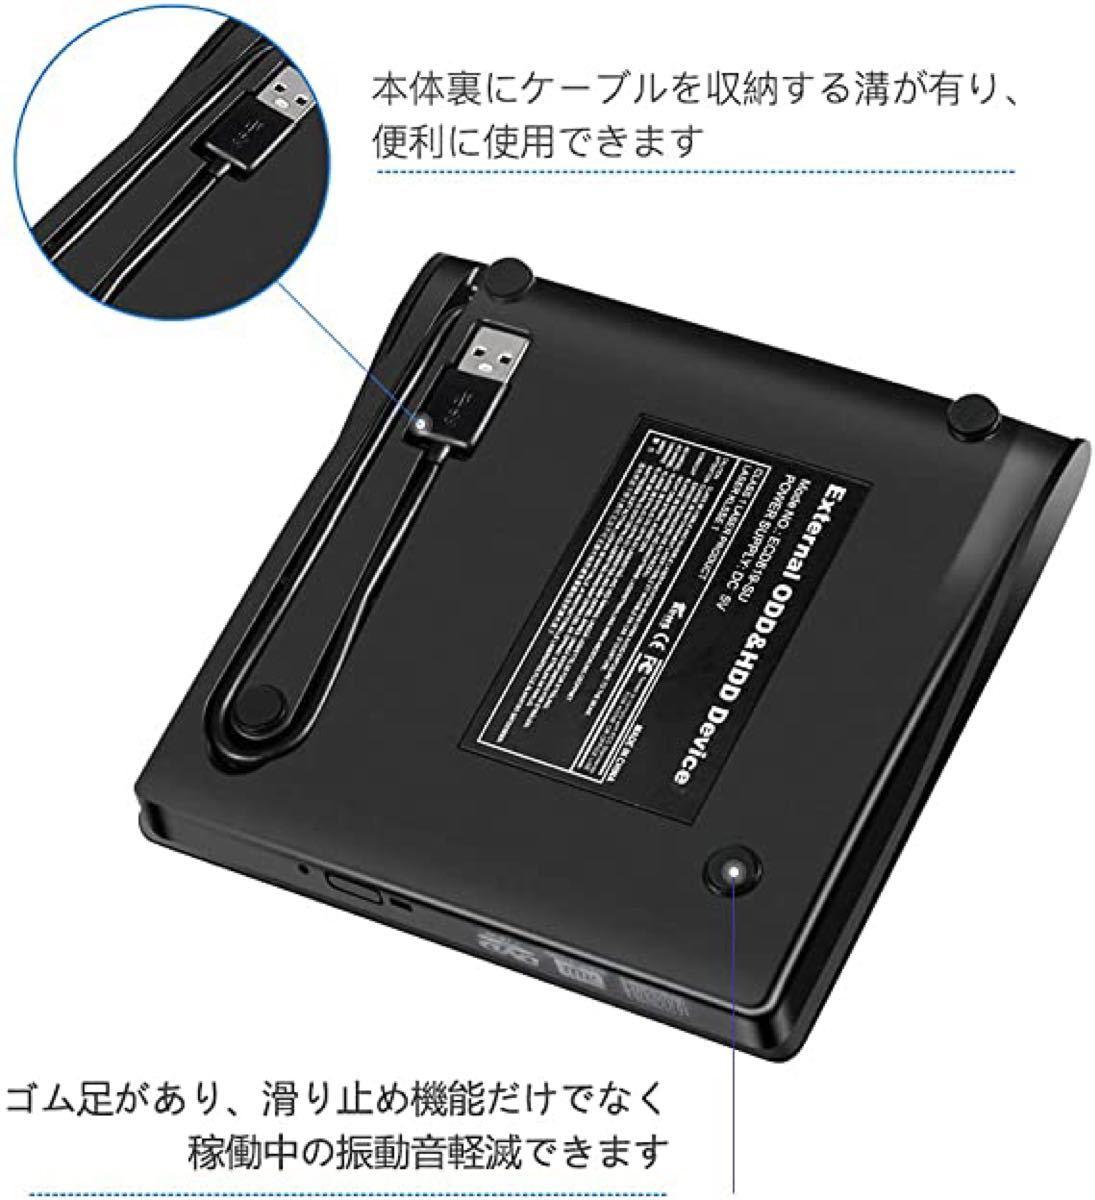 外付けDVDドライブ DVDプレイヤー ポータブル DVD±RW USB3.0 DVD CD-RW USB Window 薄型